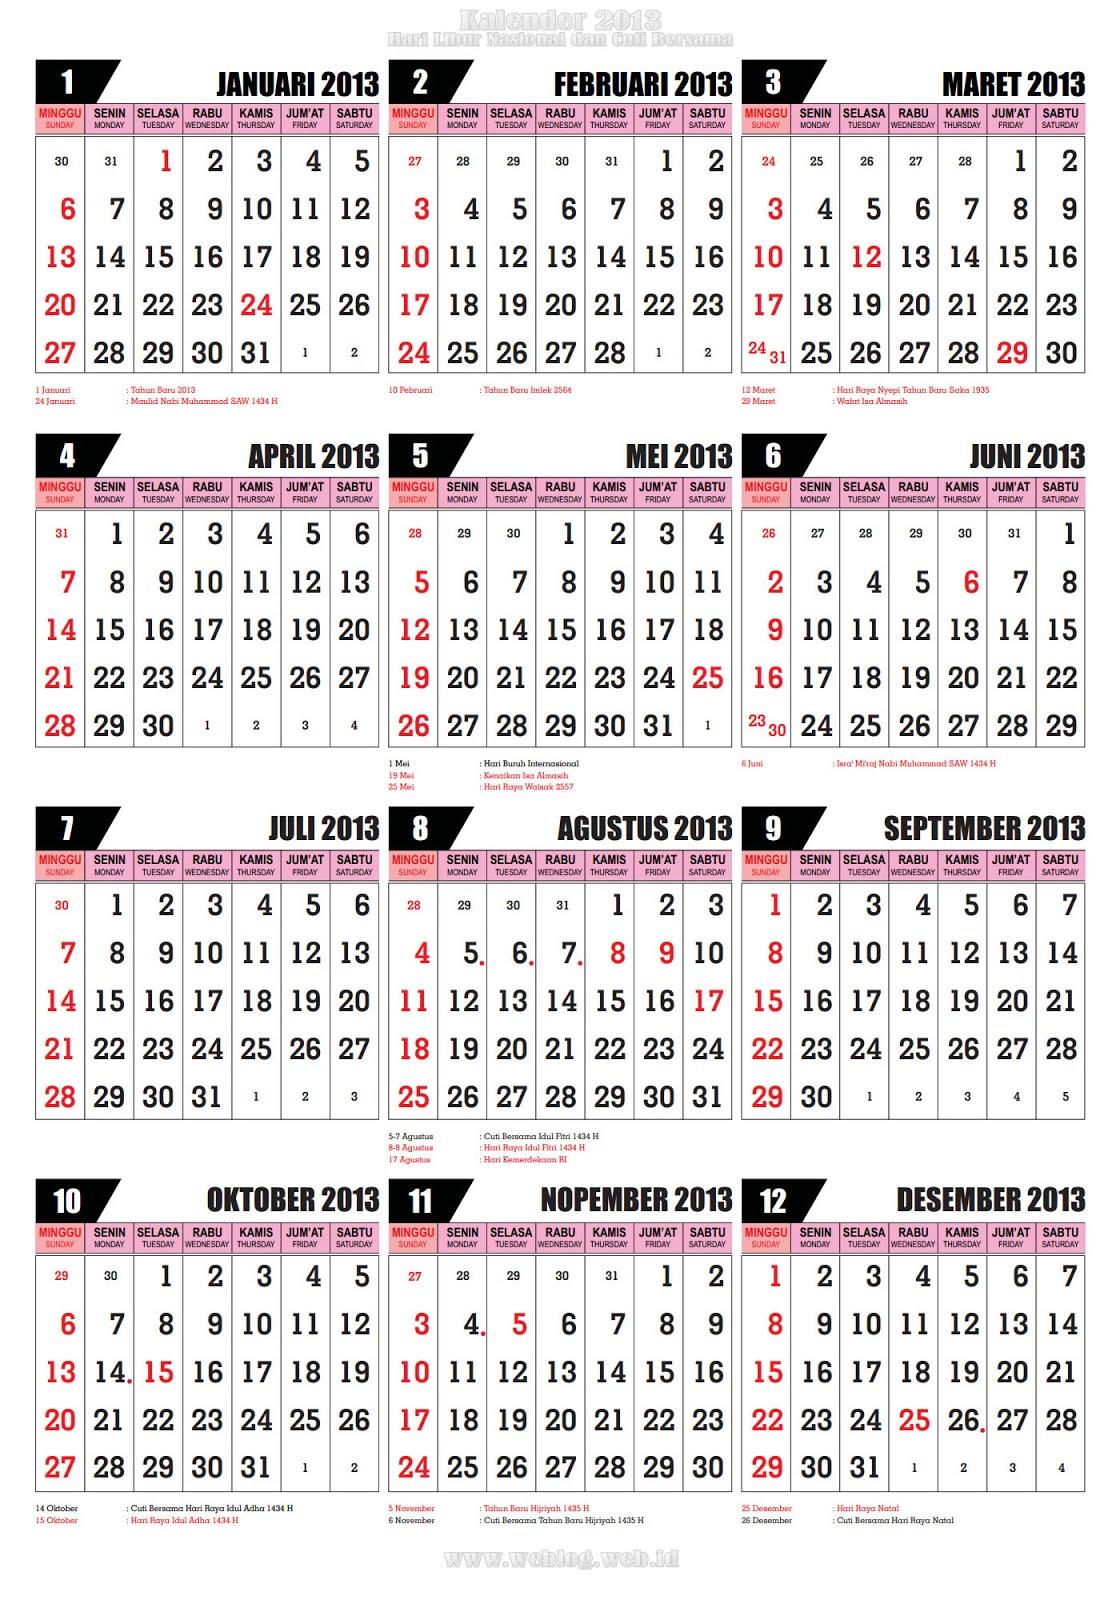 Kalender 2013 Hari Libur Nasional dan Cuti Bersama Tahun 2013